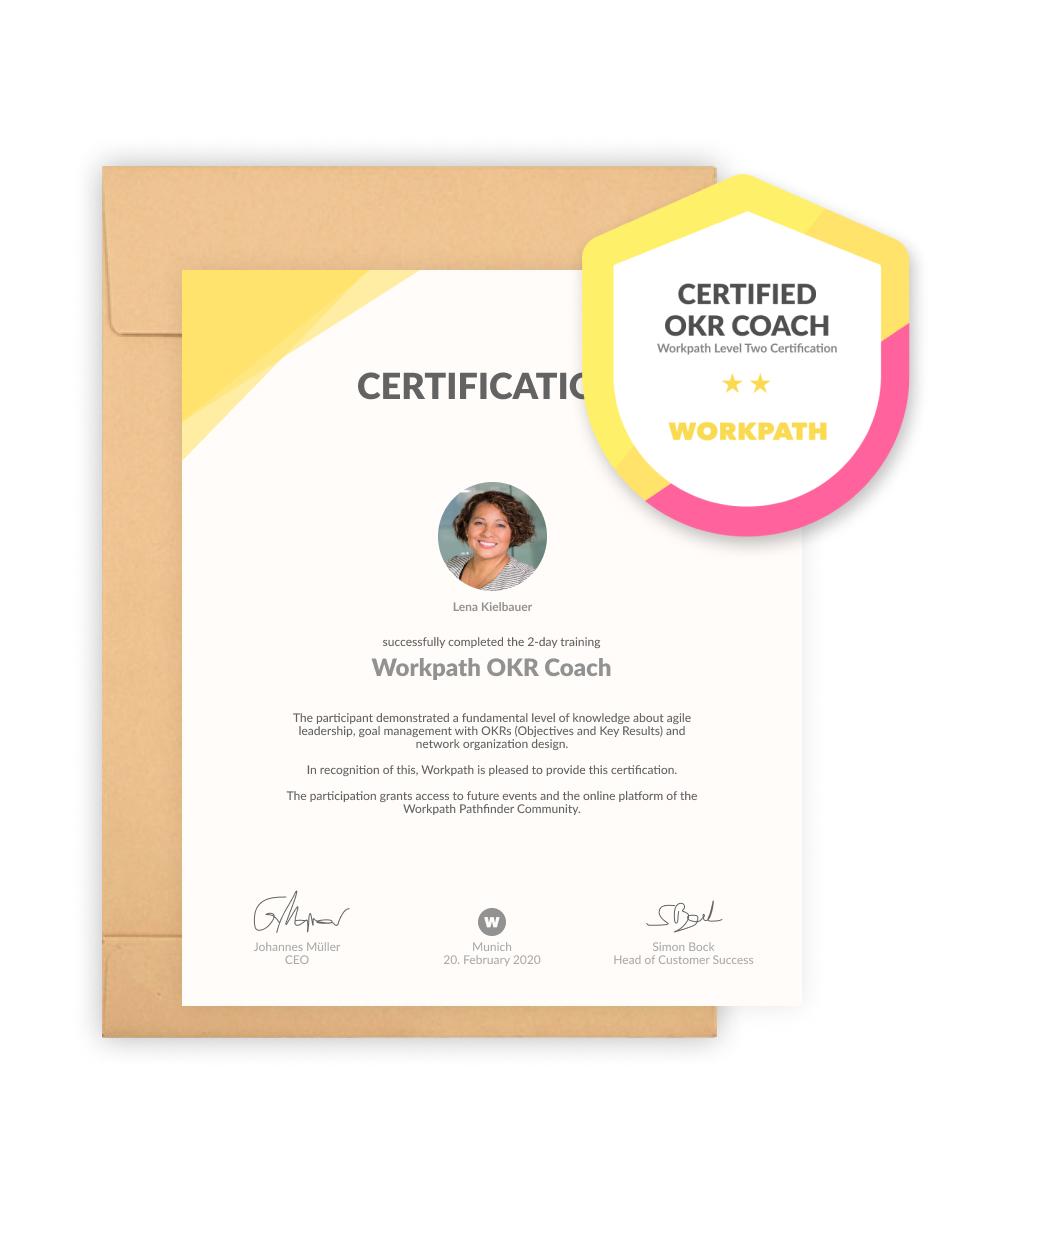 certified OKR coach